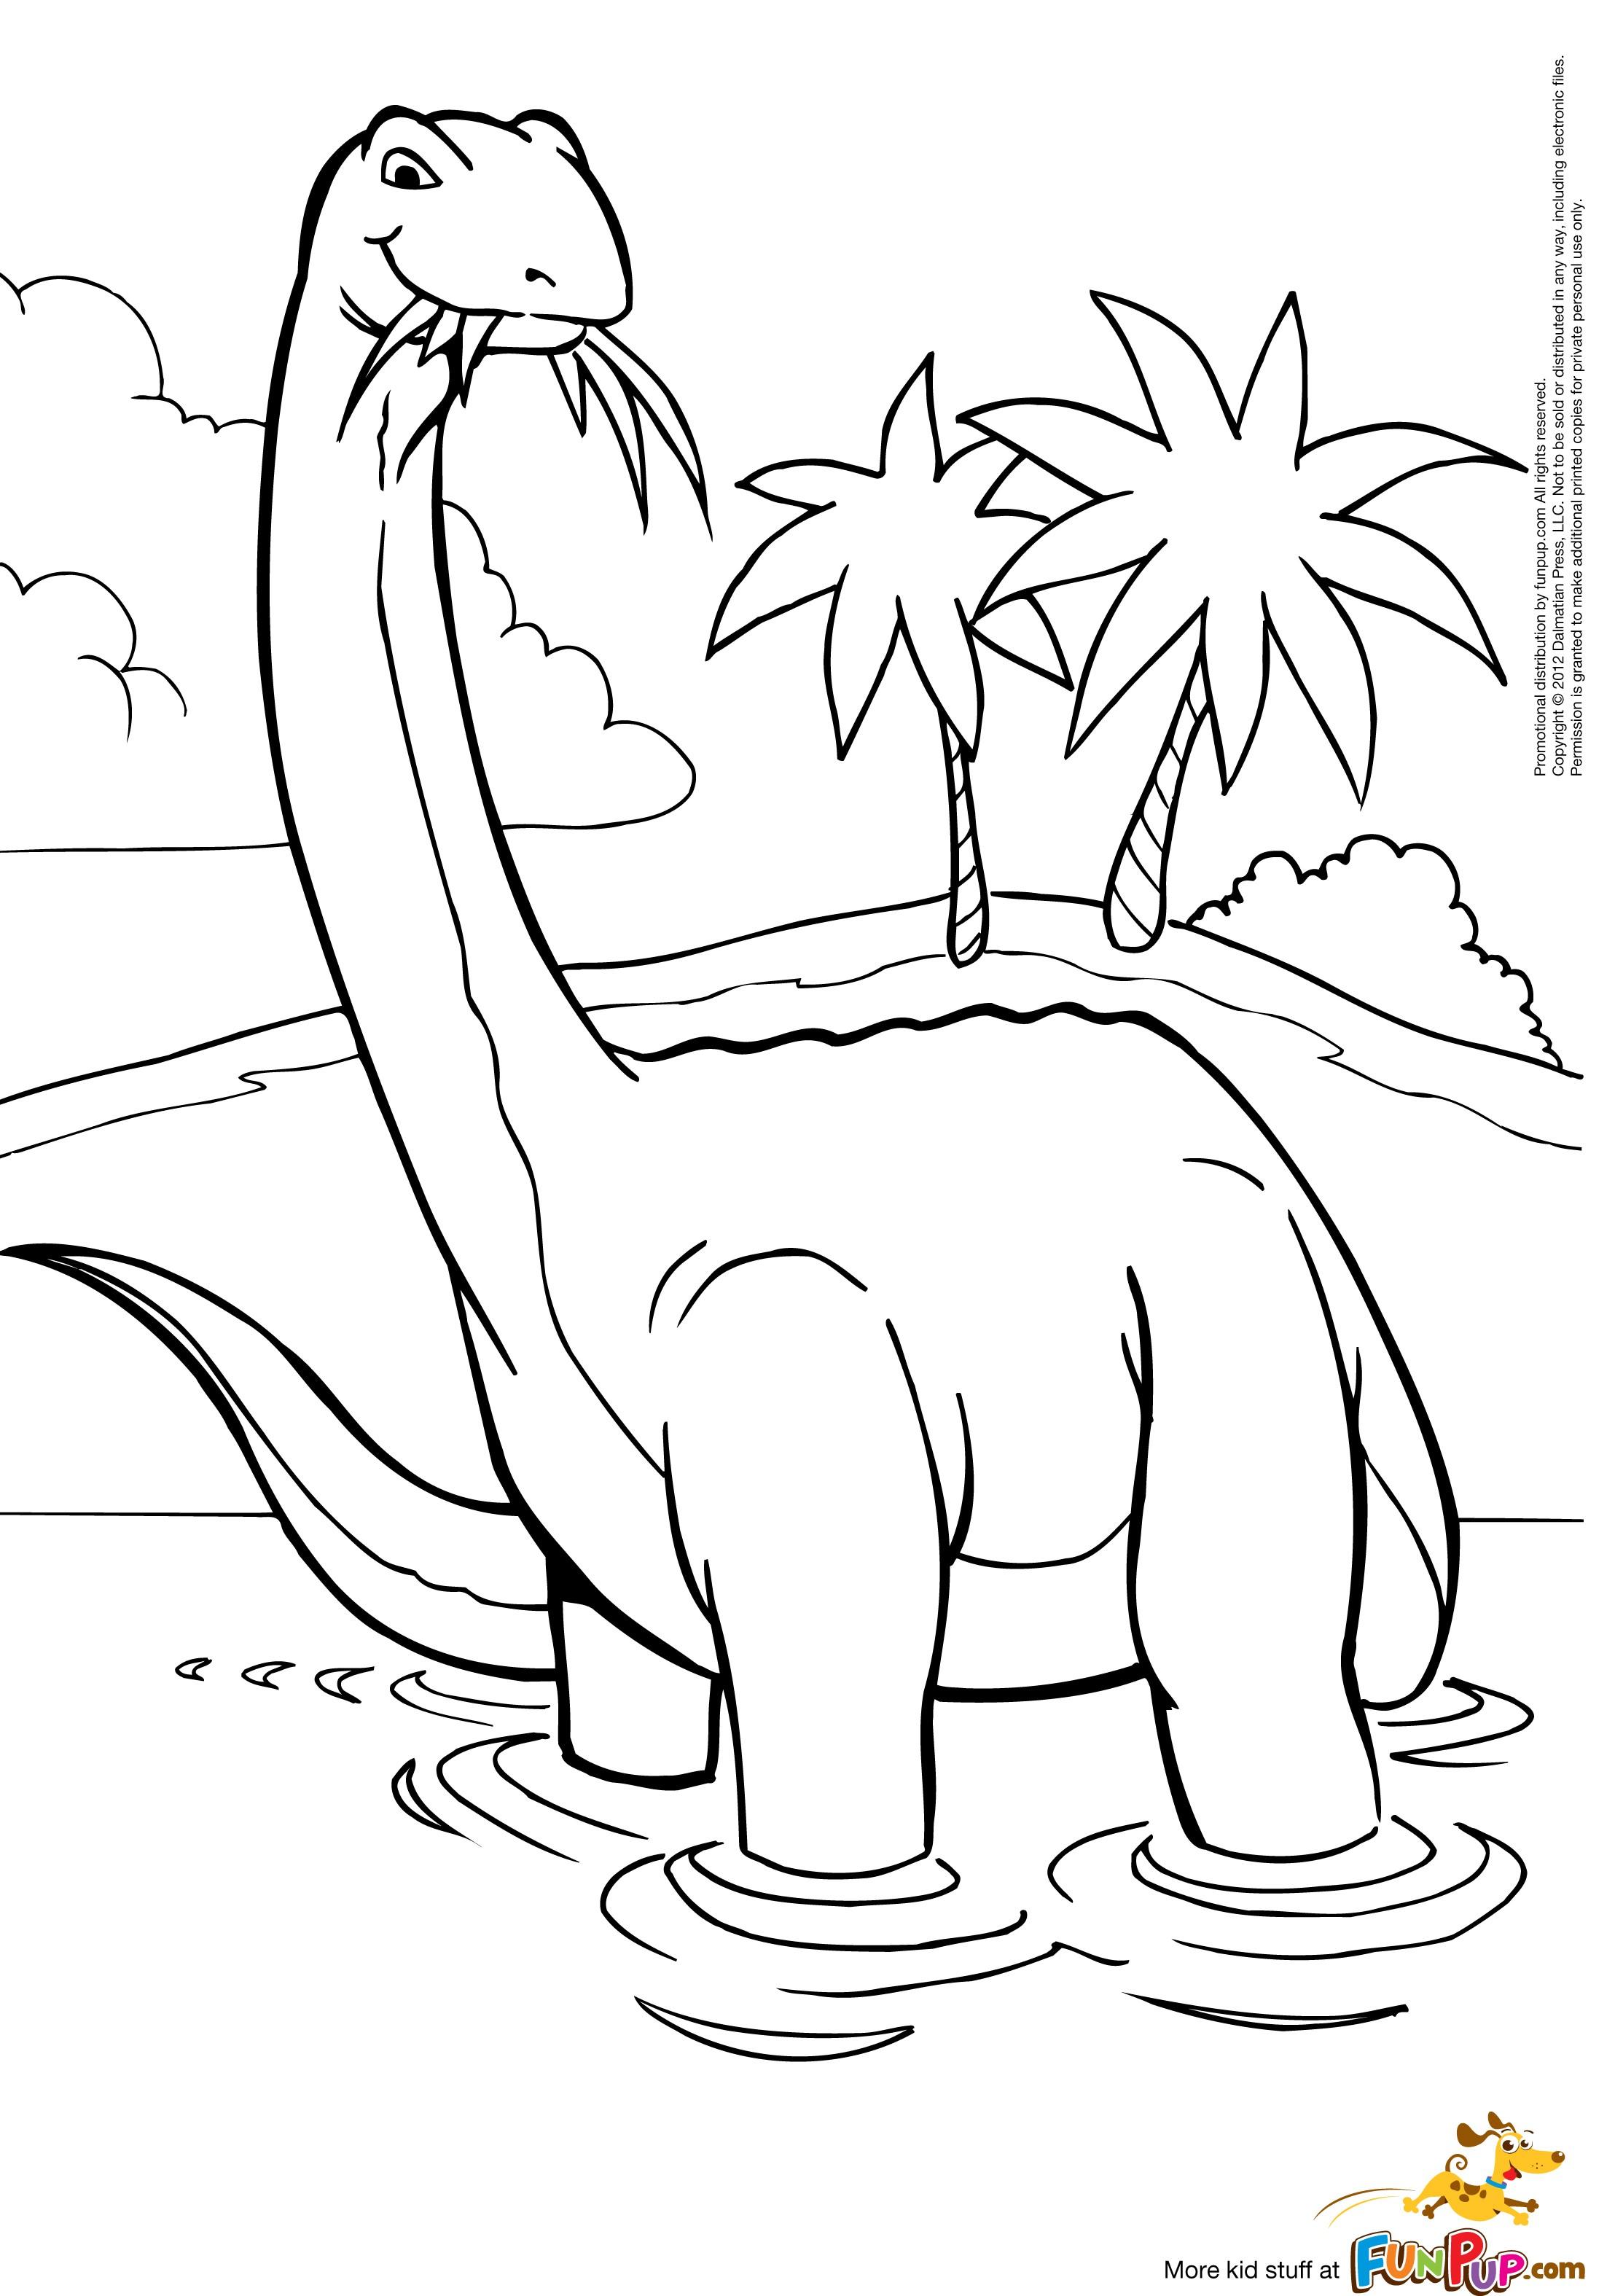 apatosaurus coloring page baby brontosaurus coloring page coloring pages apatosaurus coloring page